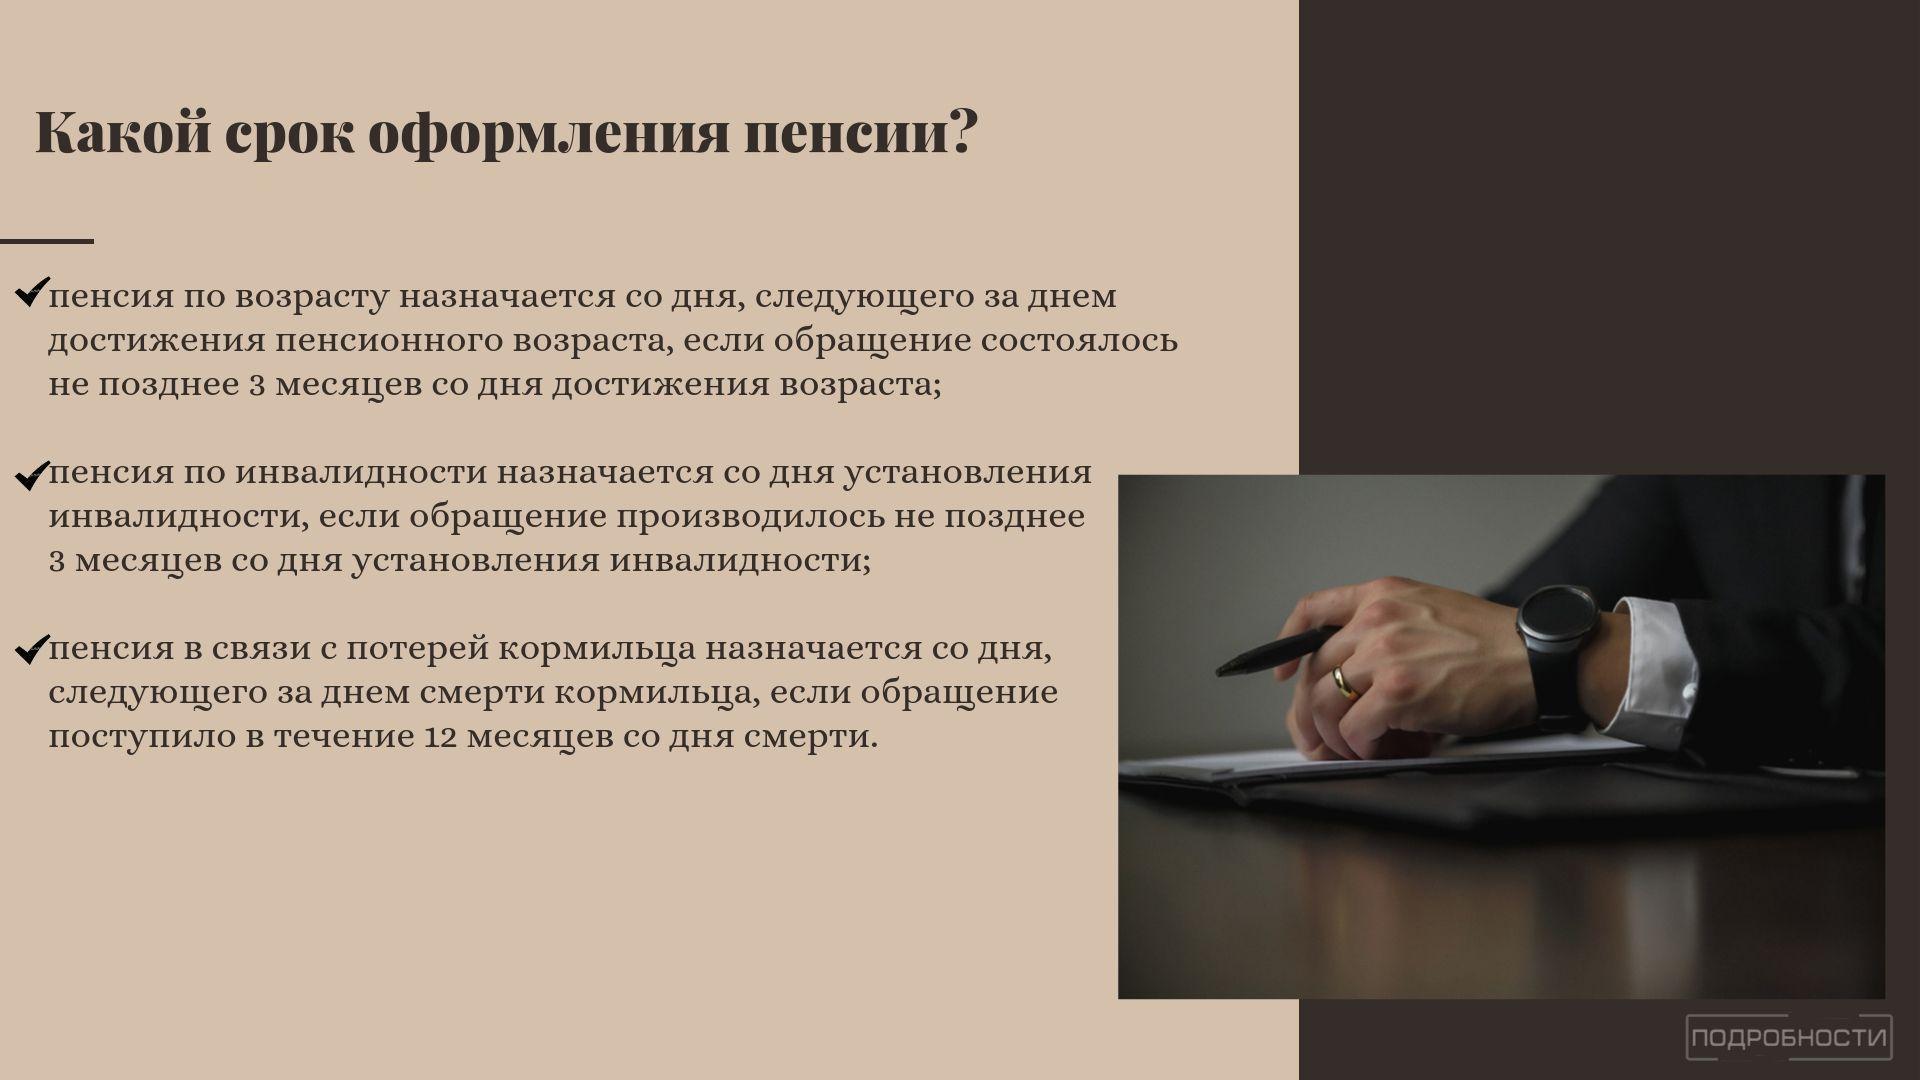 Как получить пенсию по потере кормильца в украине сайт пенсионного фонда нижний новгород личный кабинет